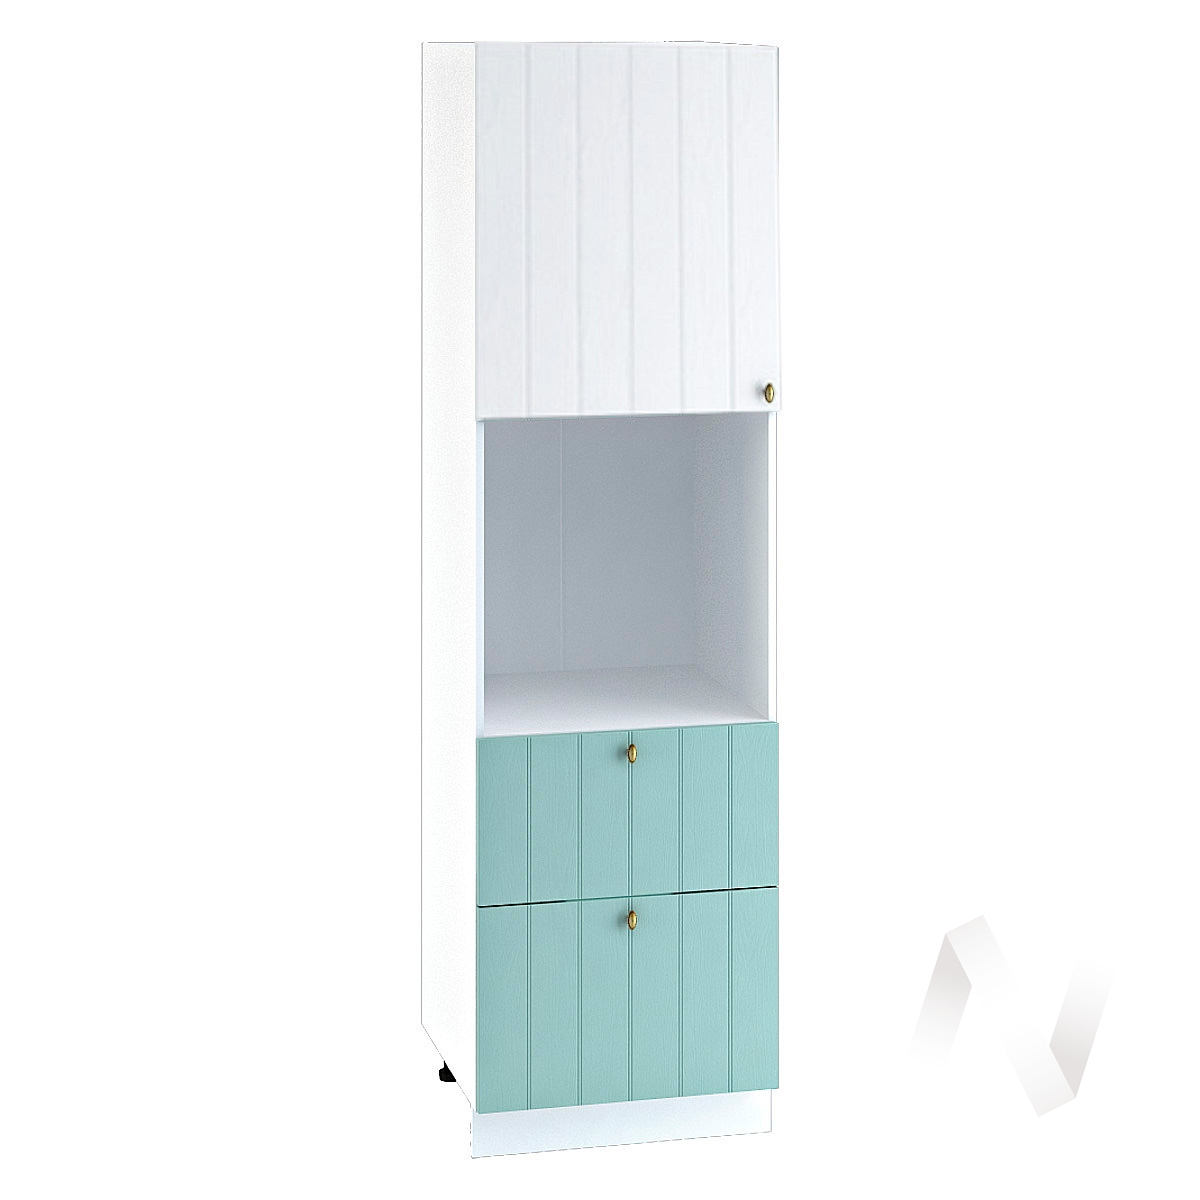 """Кухня """"Прованс"""": Шкаф пенал с 2-мя ящиками 600, ШП2Я 600 (белое дерево/голубой/корпус белый)"""